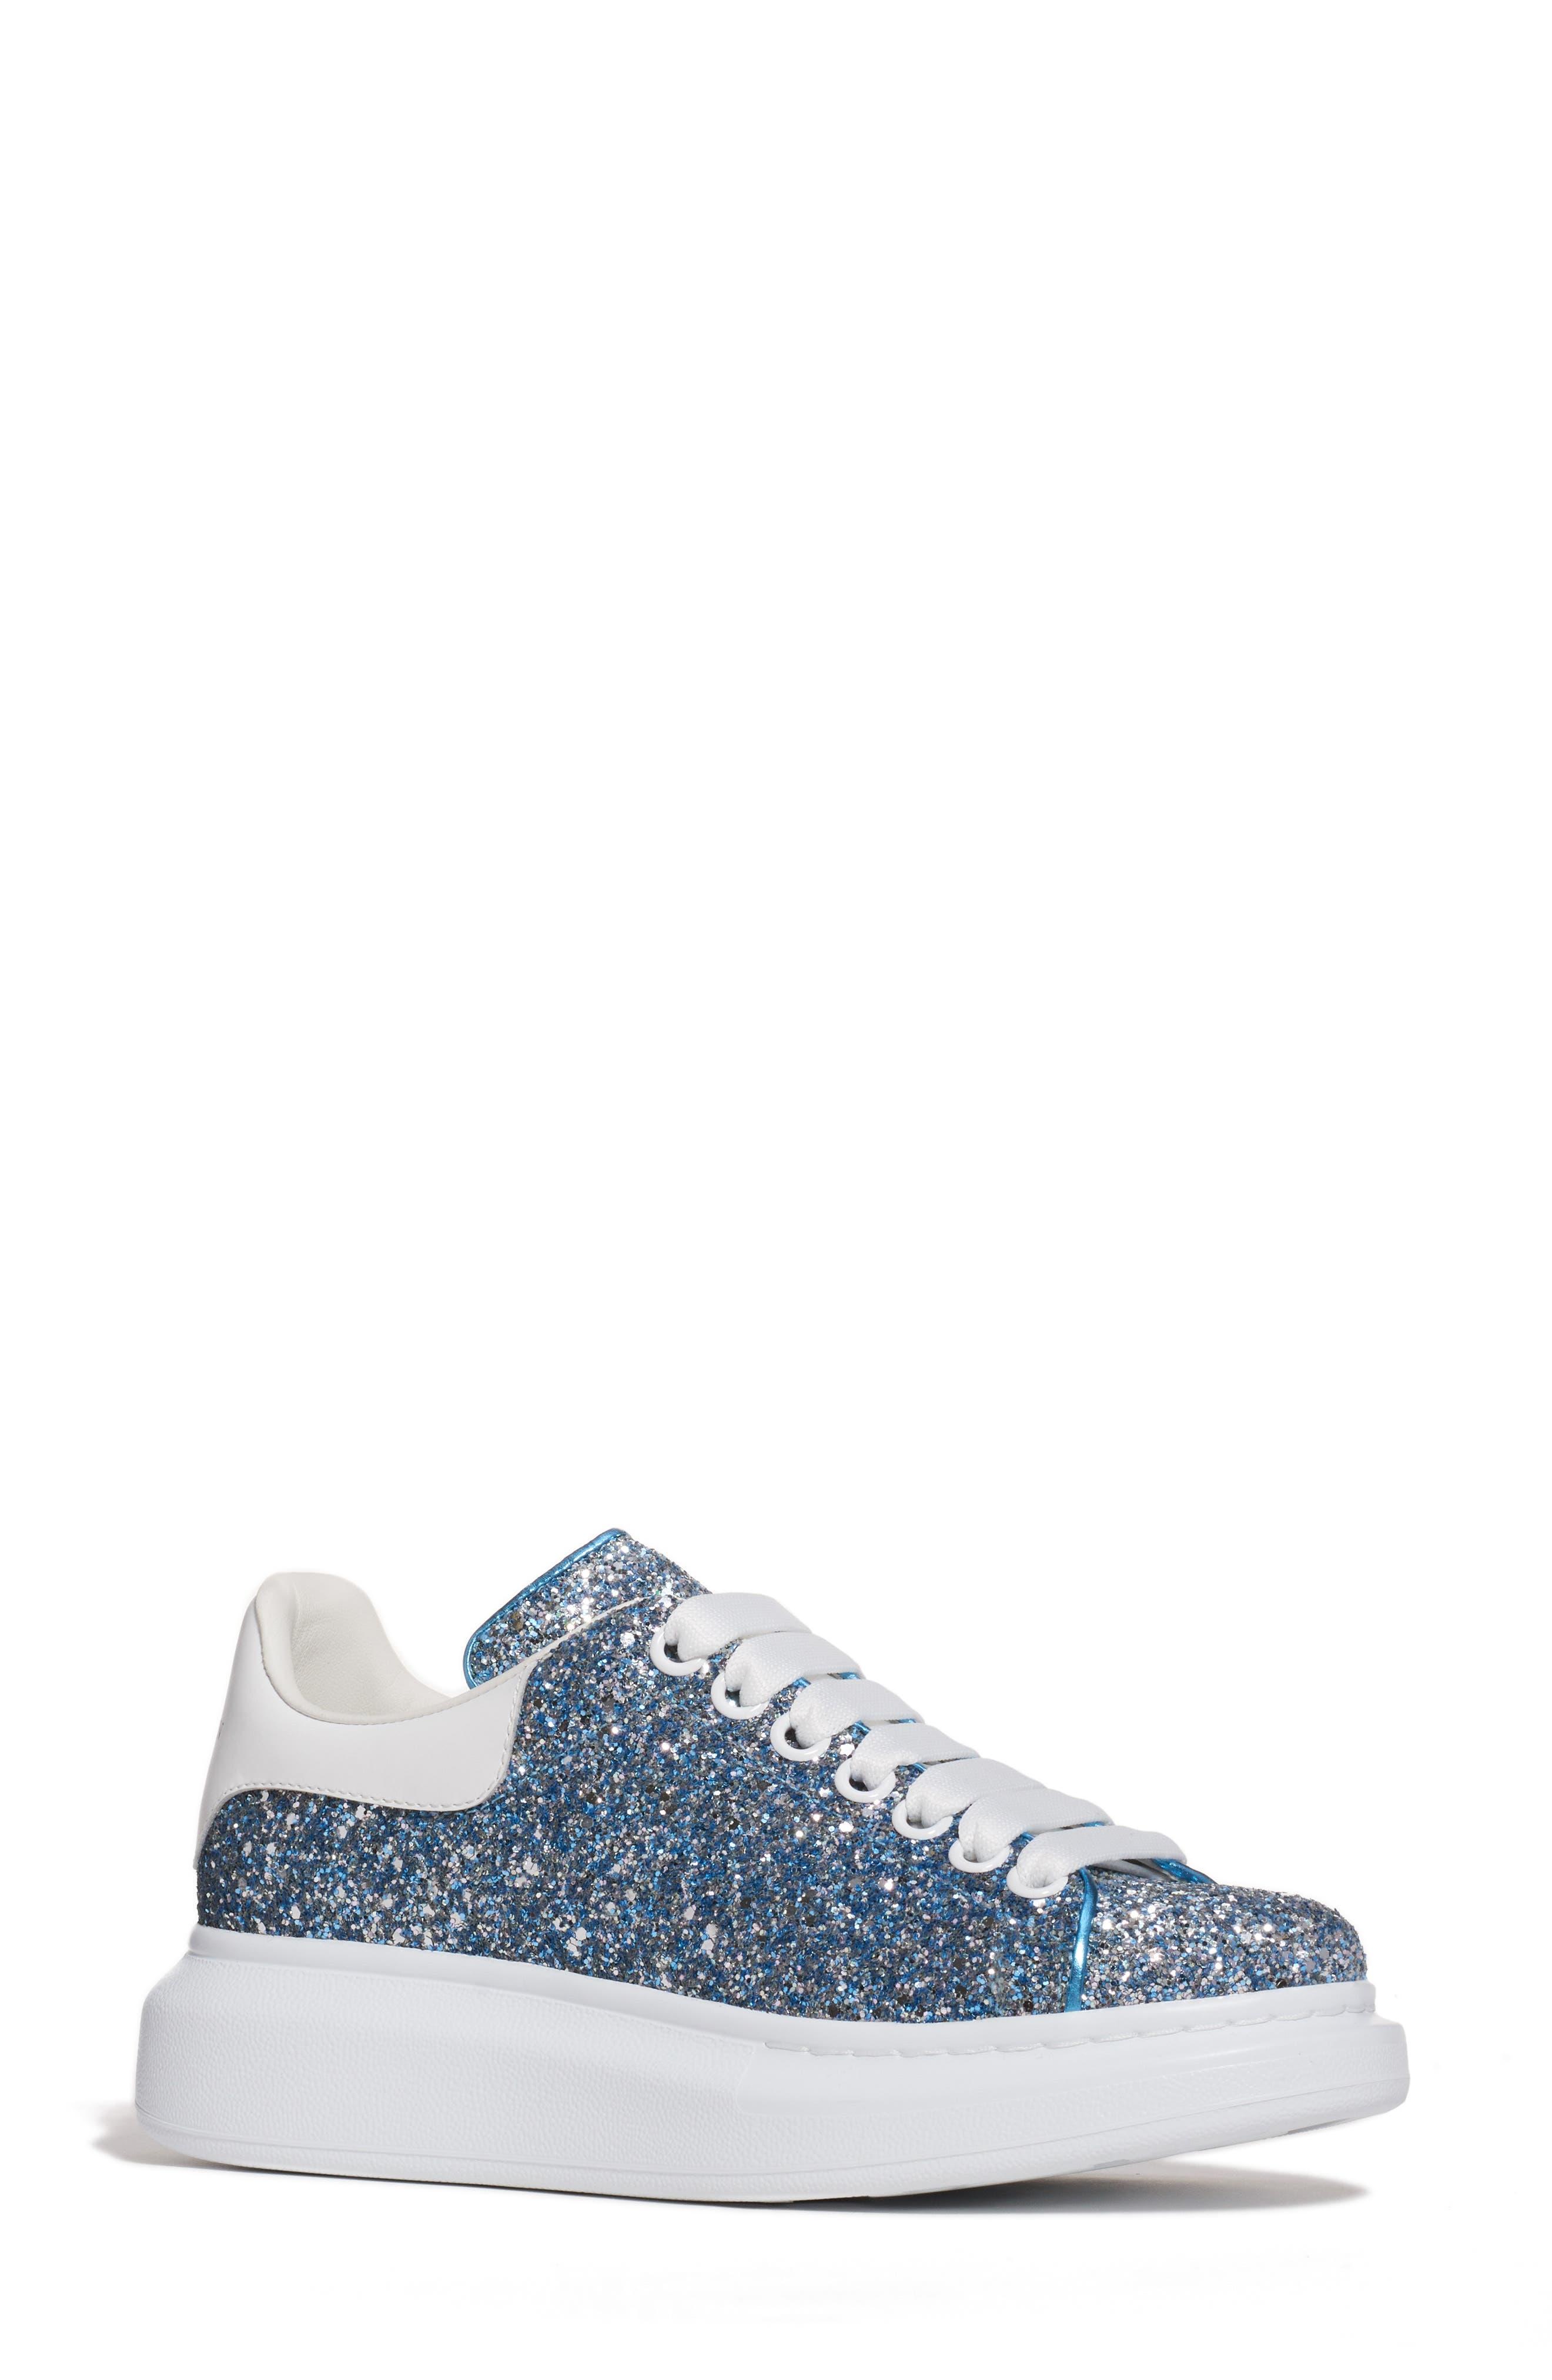 Alexander Mcqueen Sneaker, Blue